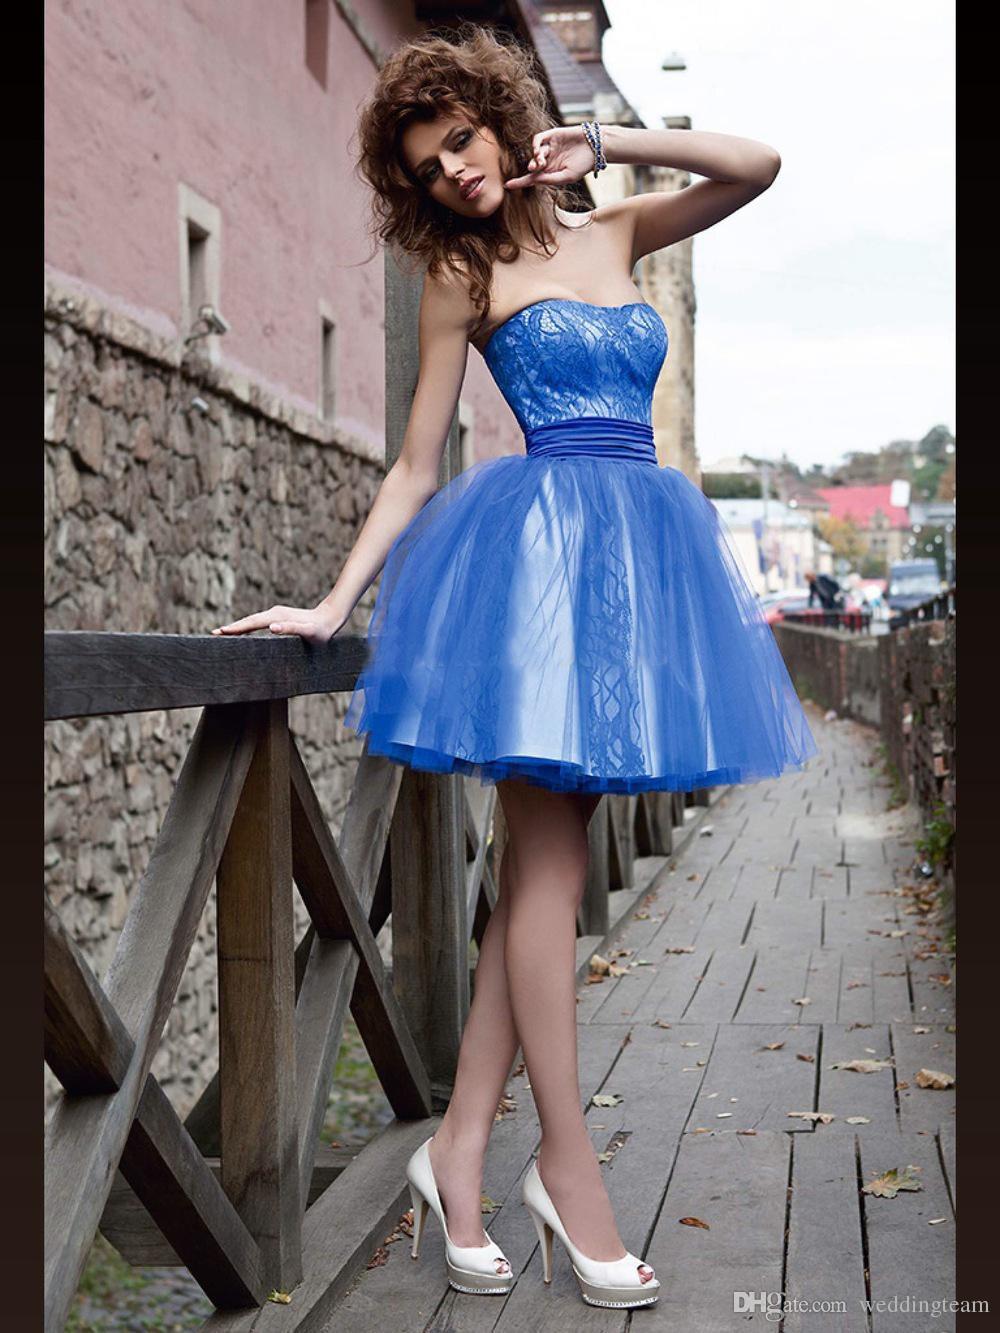 Сладкий Синий Бальное Платье Homecoming Платья Без Бретелек Кружева Тюль Мини Короткие Пухлые Платье Выпускного Вечера На Заказ Вечернее Платье Для Подростков